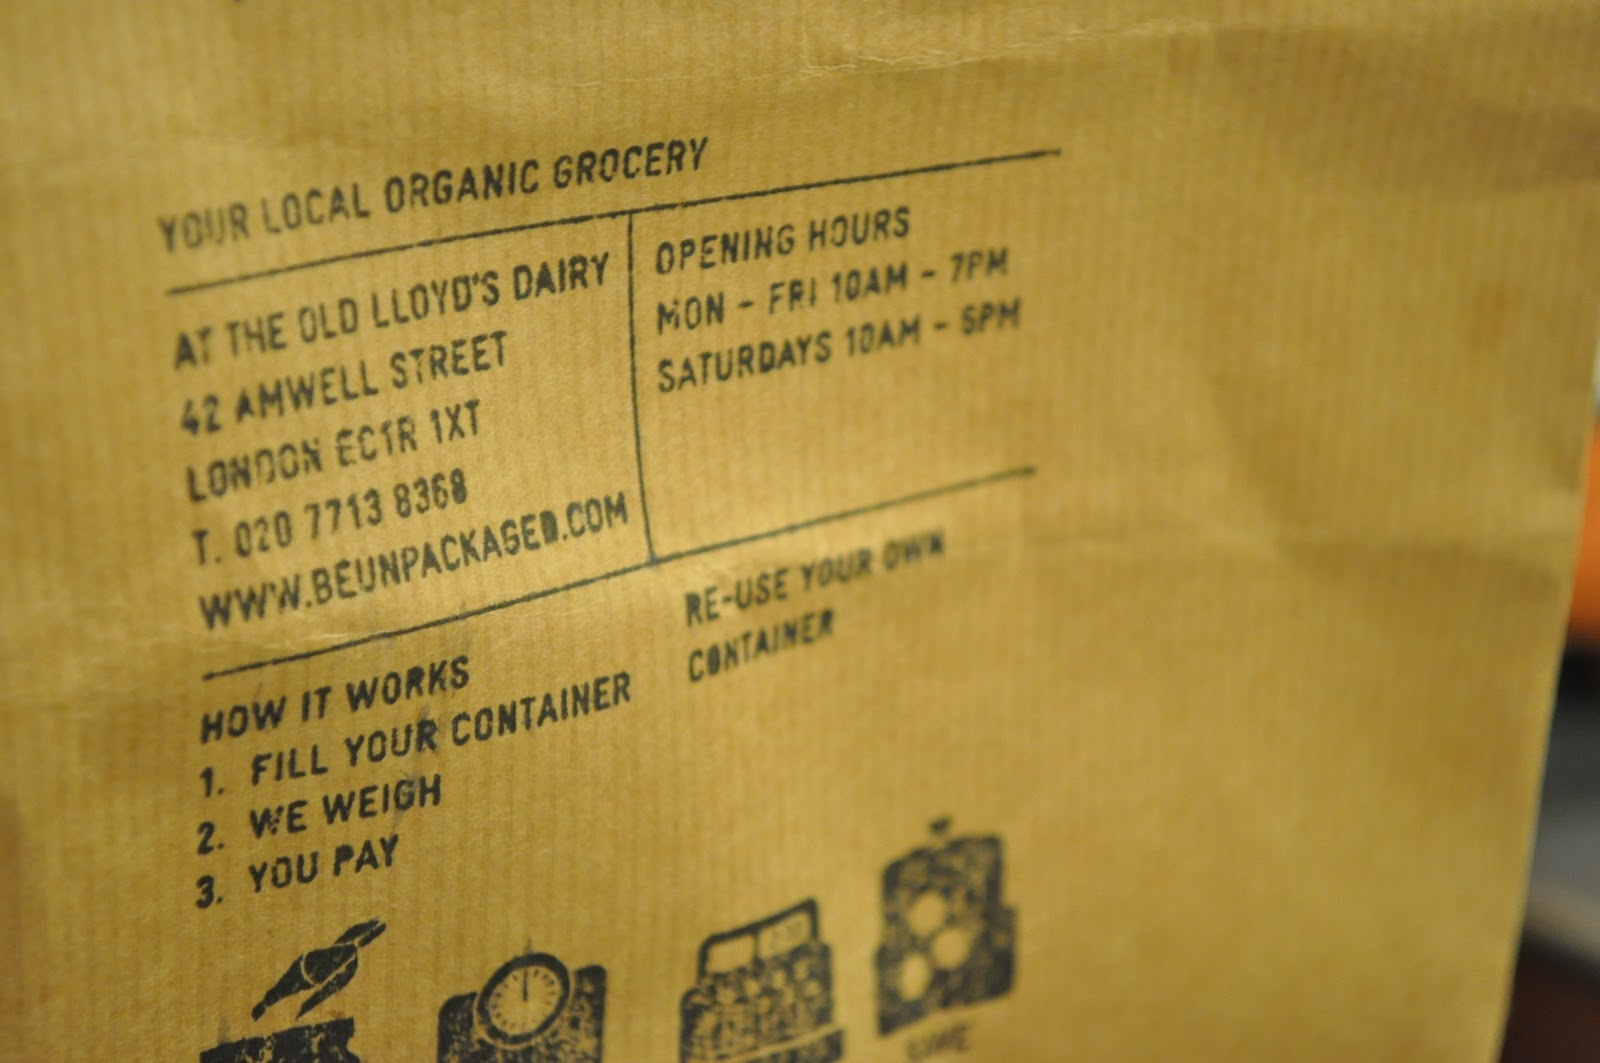 http://4.bp.blogspot.com/_hpQ2iU7yiHA/TMDNq8u8AZI/AAAAAAAAFFQ/_zhwbRcYcDk/s1600/Unpackaged+Amwell+Street+London++Clerkenwell+Organic+Food+Shop+Store+7.JPG